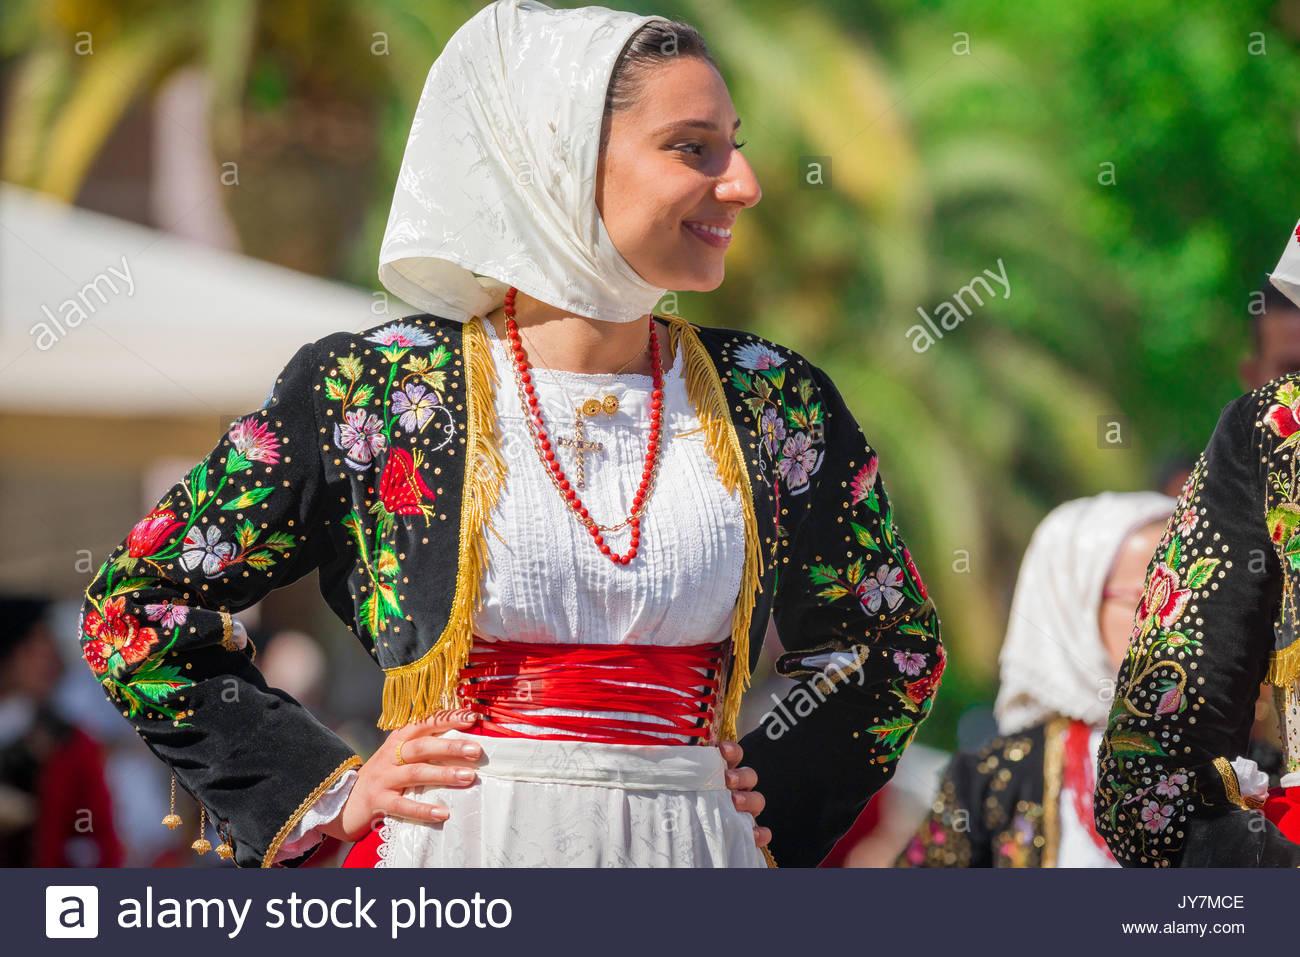 Sardegna tradizionale costume, ritratto di una giovane donna che partecipano al grand parade de La Cavalcata festival di Sassari, Sardegna. Immagini Stock